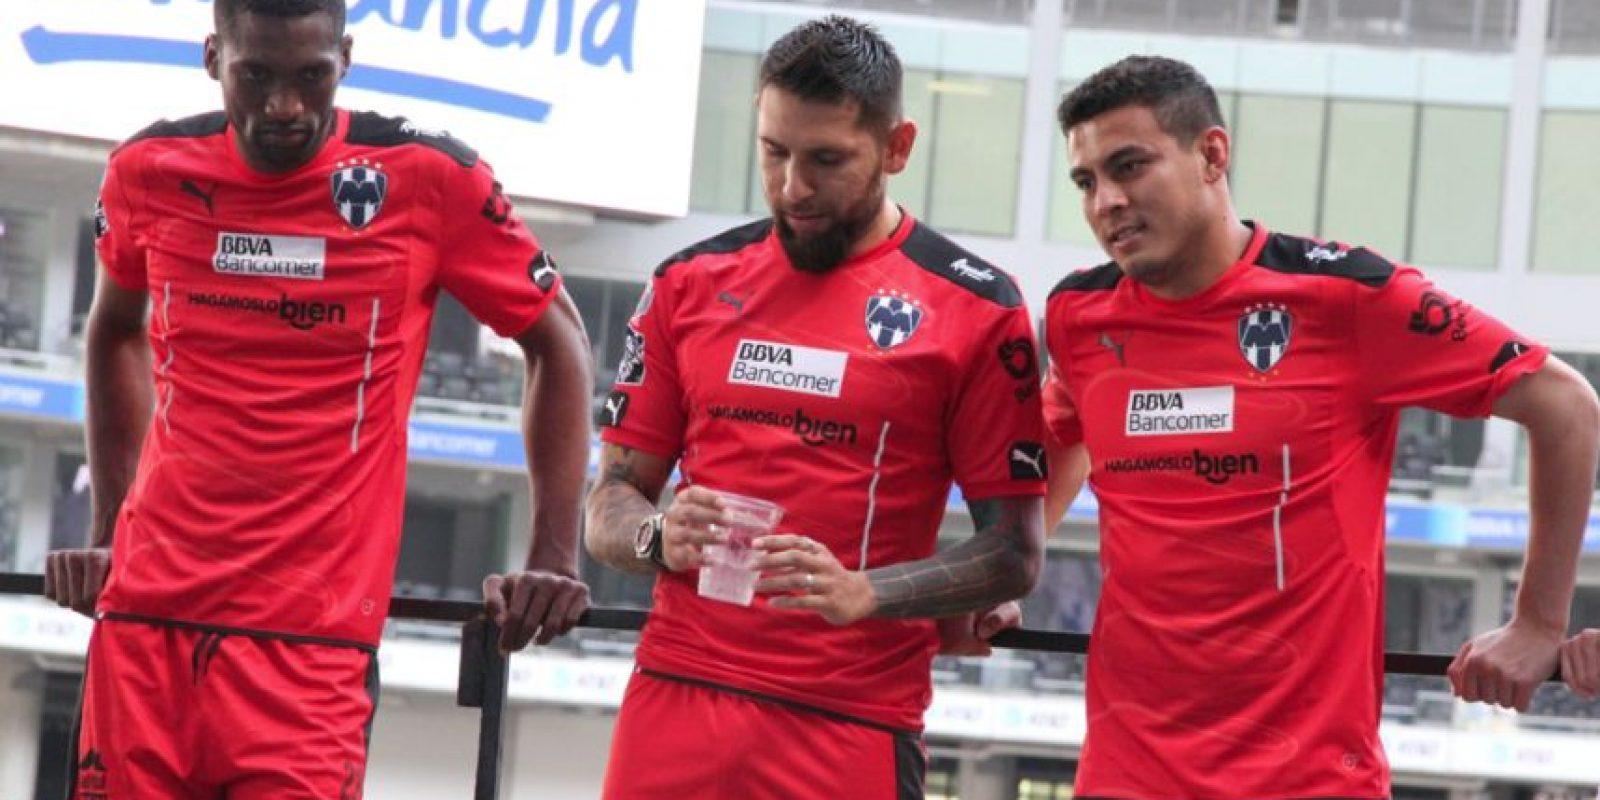 Los porteros del Monterrey se Mostraron algo serios. Foto:Israel Salazar